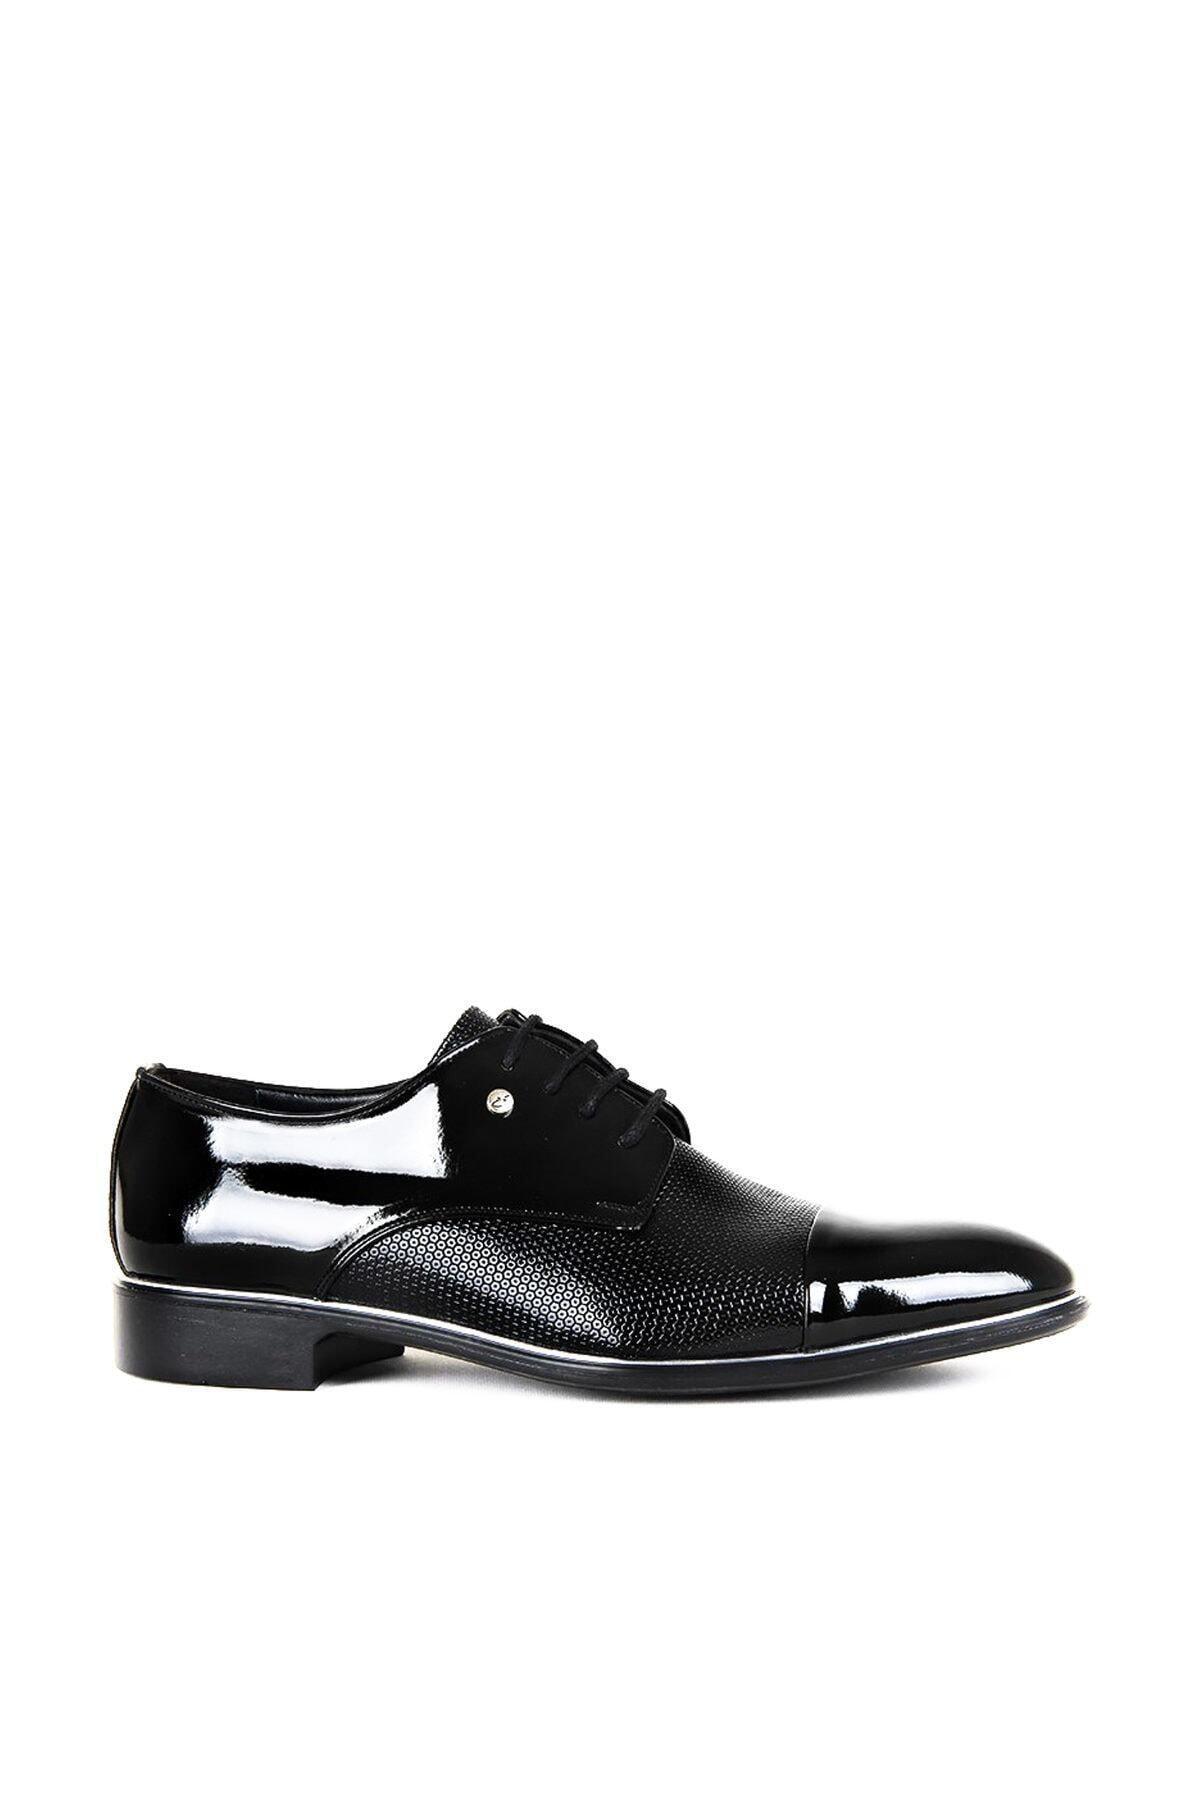 Siyah Erkek Klasik Ayakkabı PRA-408022-566116